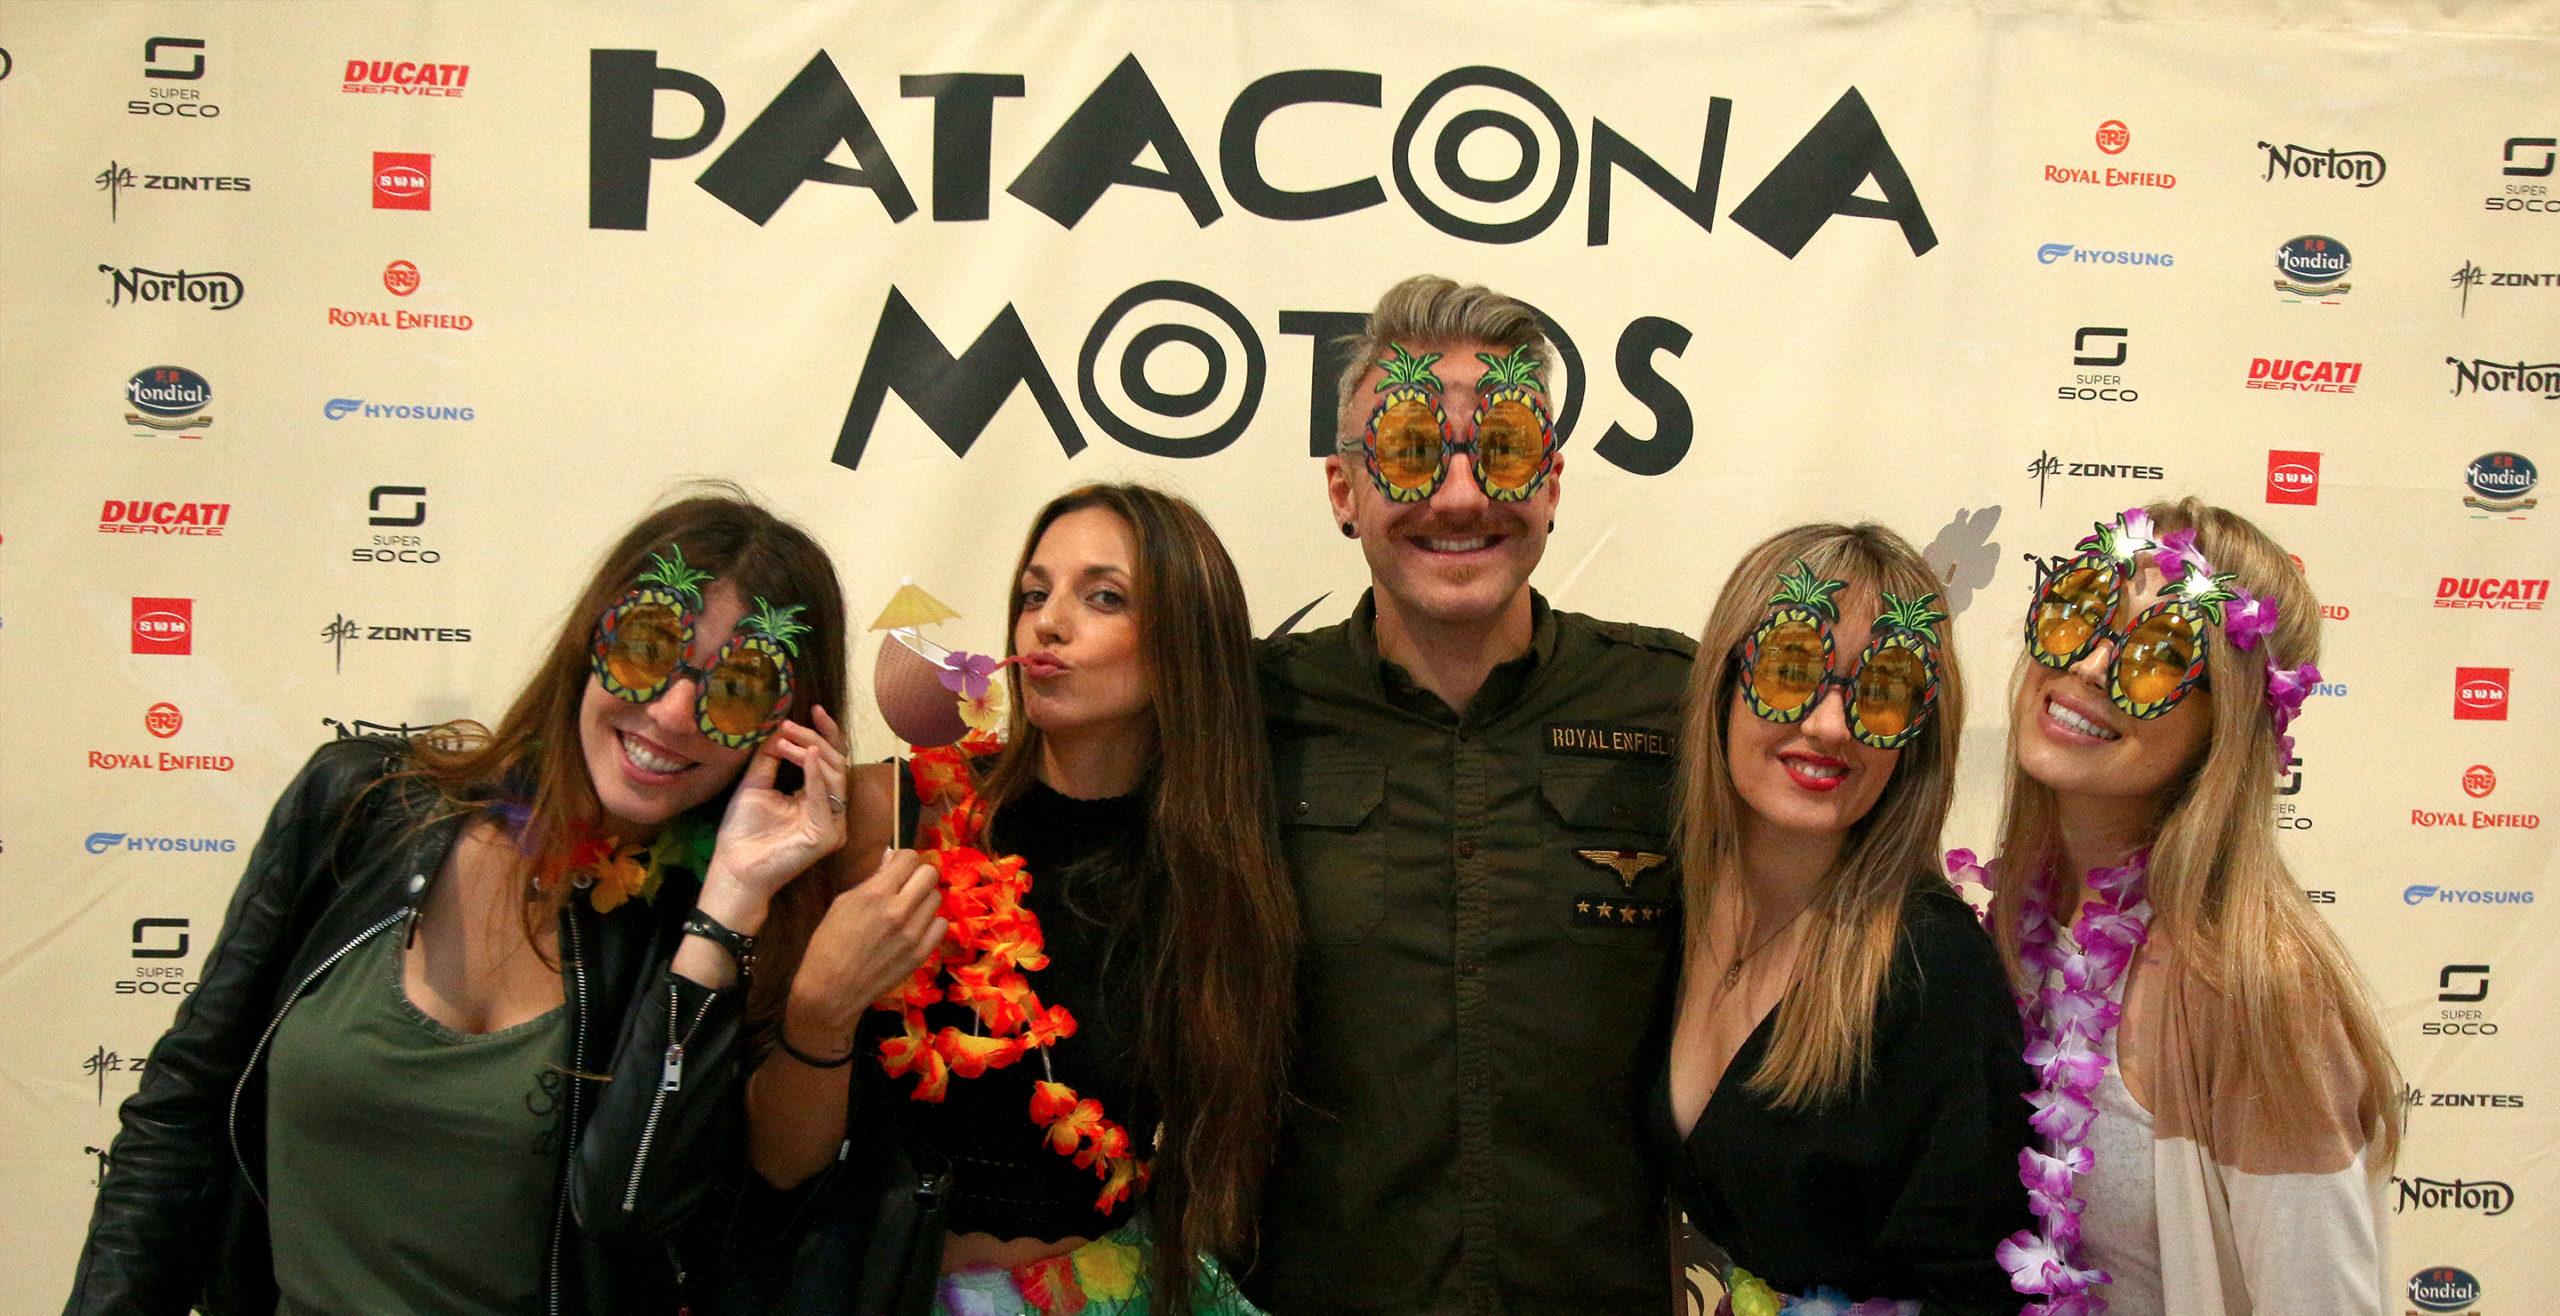 Personas posando delante de photocall de Patacona Motos